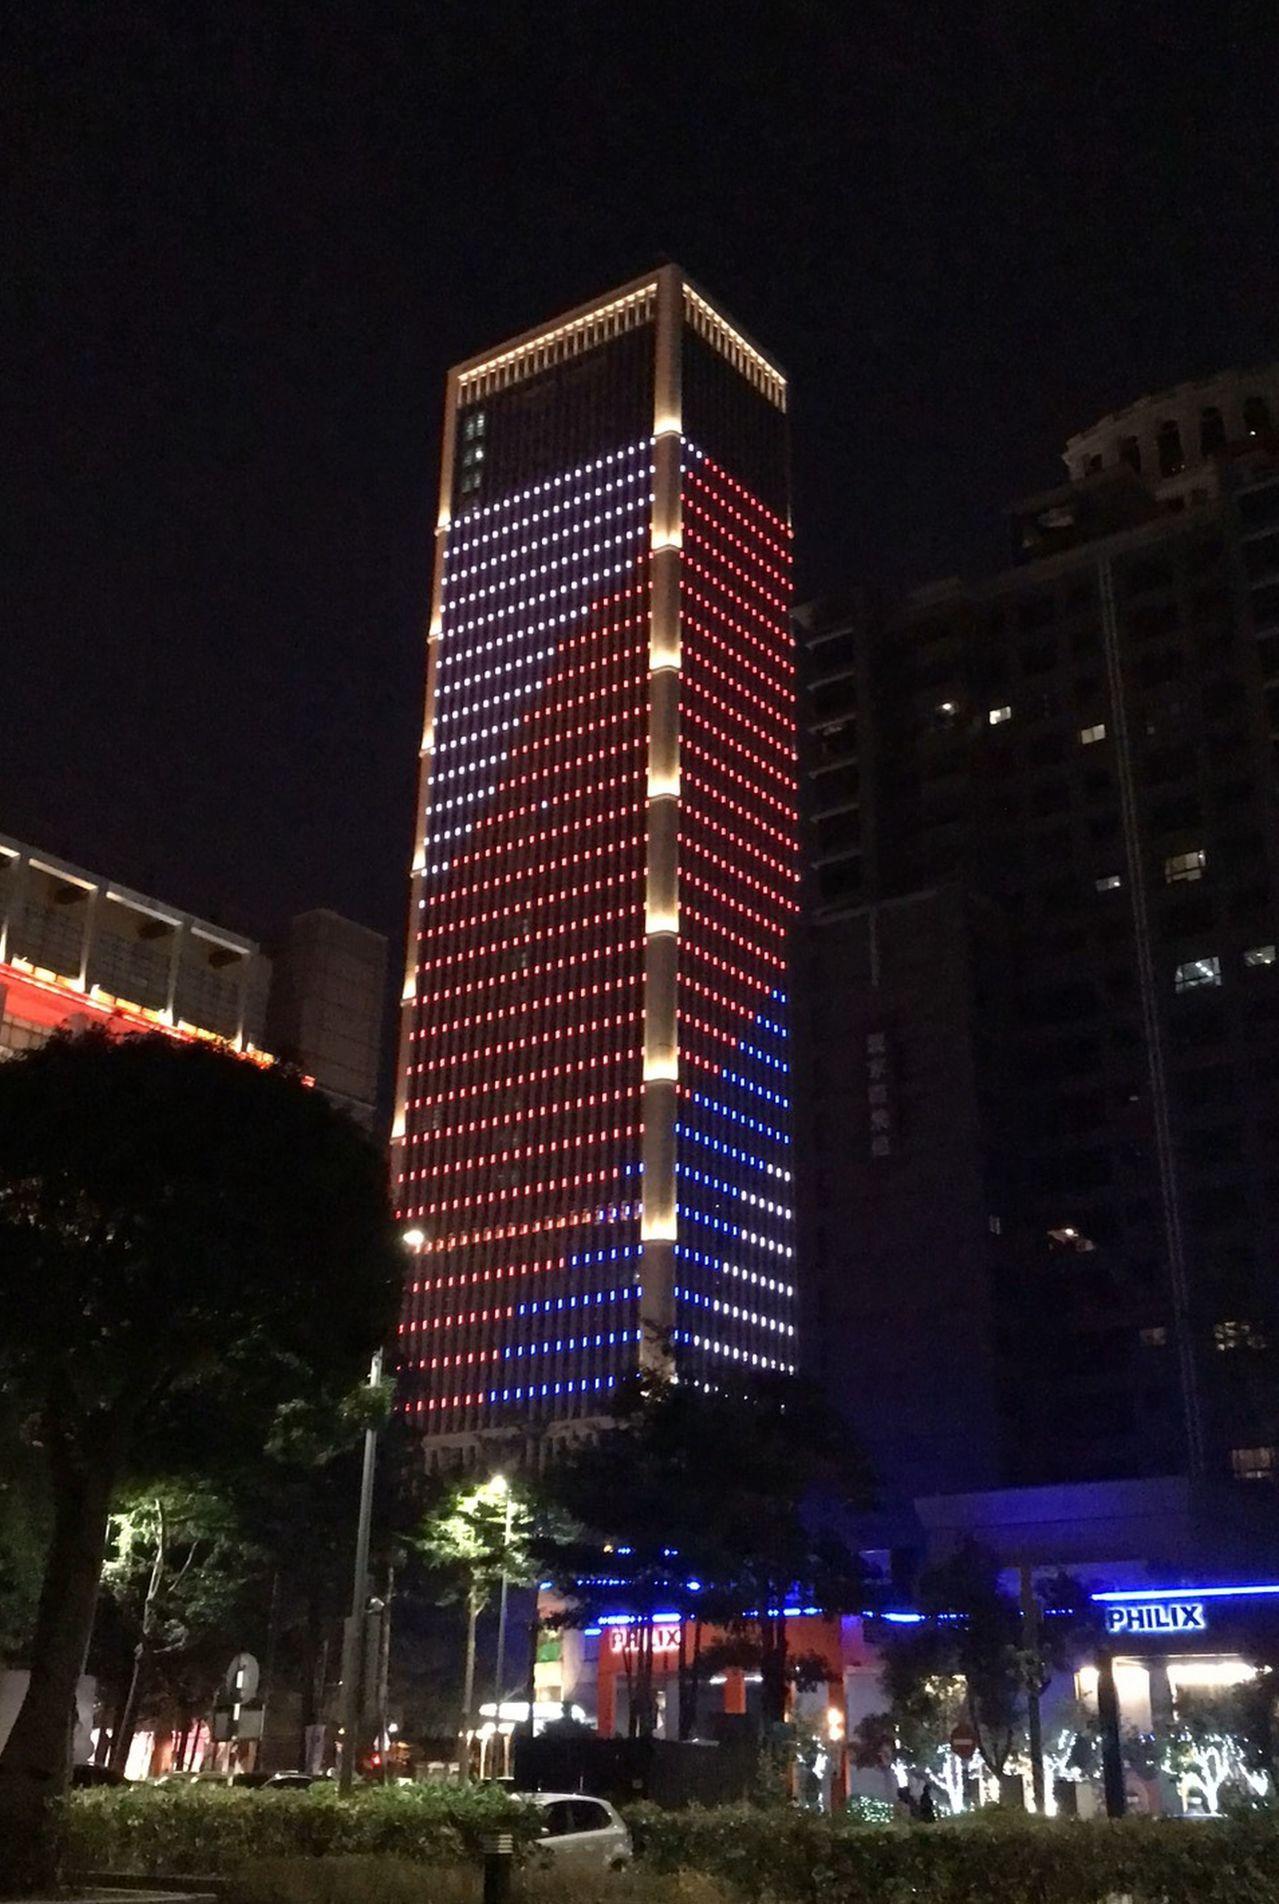 中華民國生日快樂!台中白天掛國旗夜有豪宅燈光秀